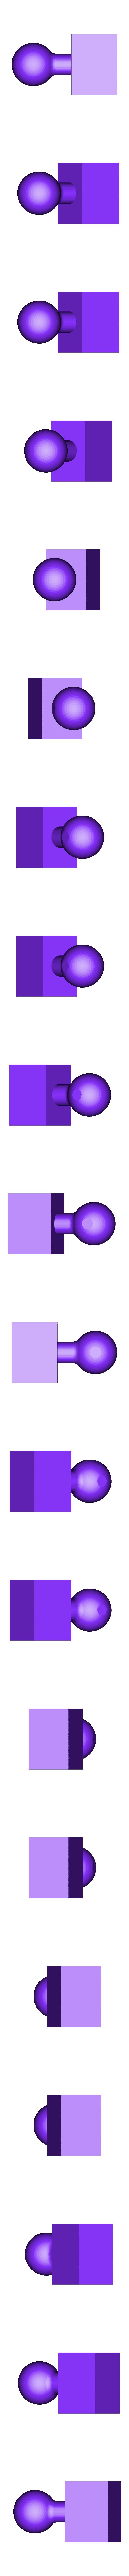 test_piece_ball.stl Télécharger fichier STL gratuit Joystick PS4 • Design à imprimer en 3D, Osichan